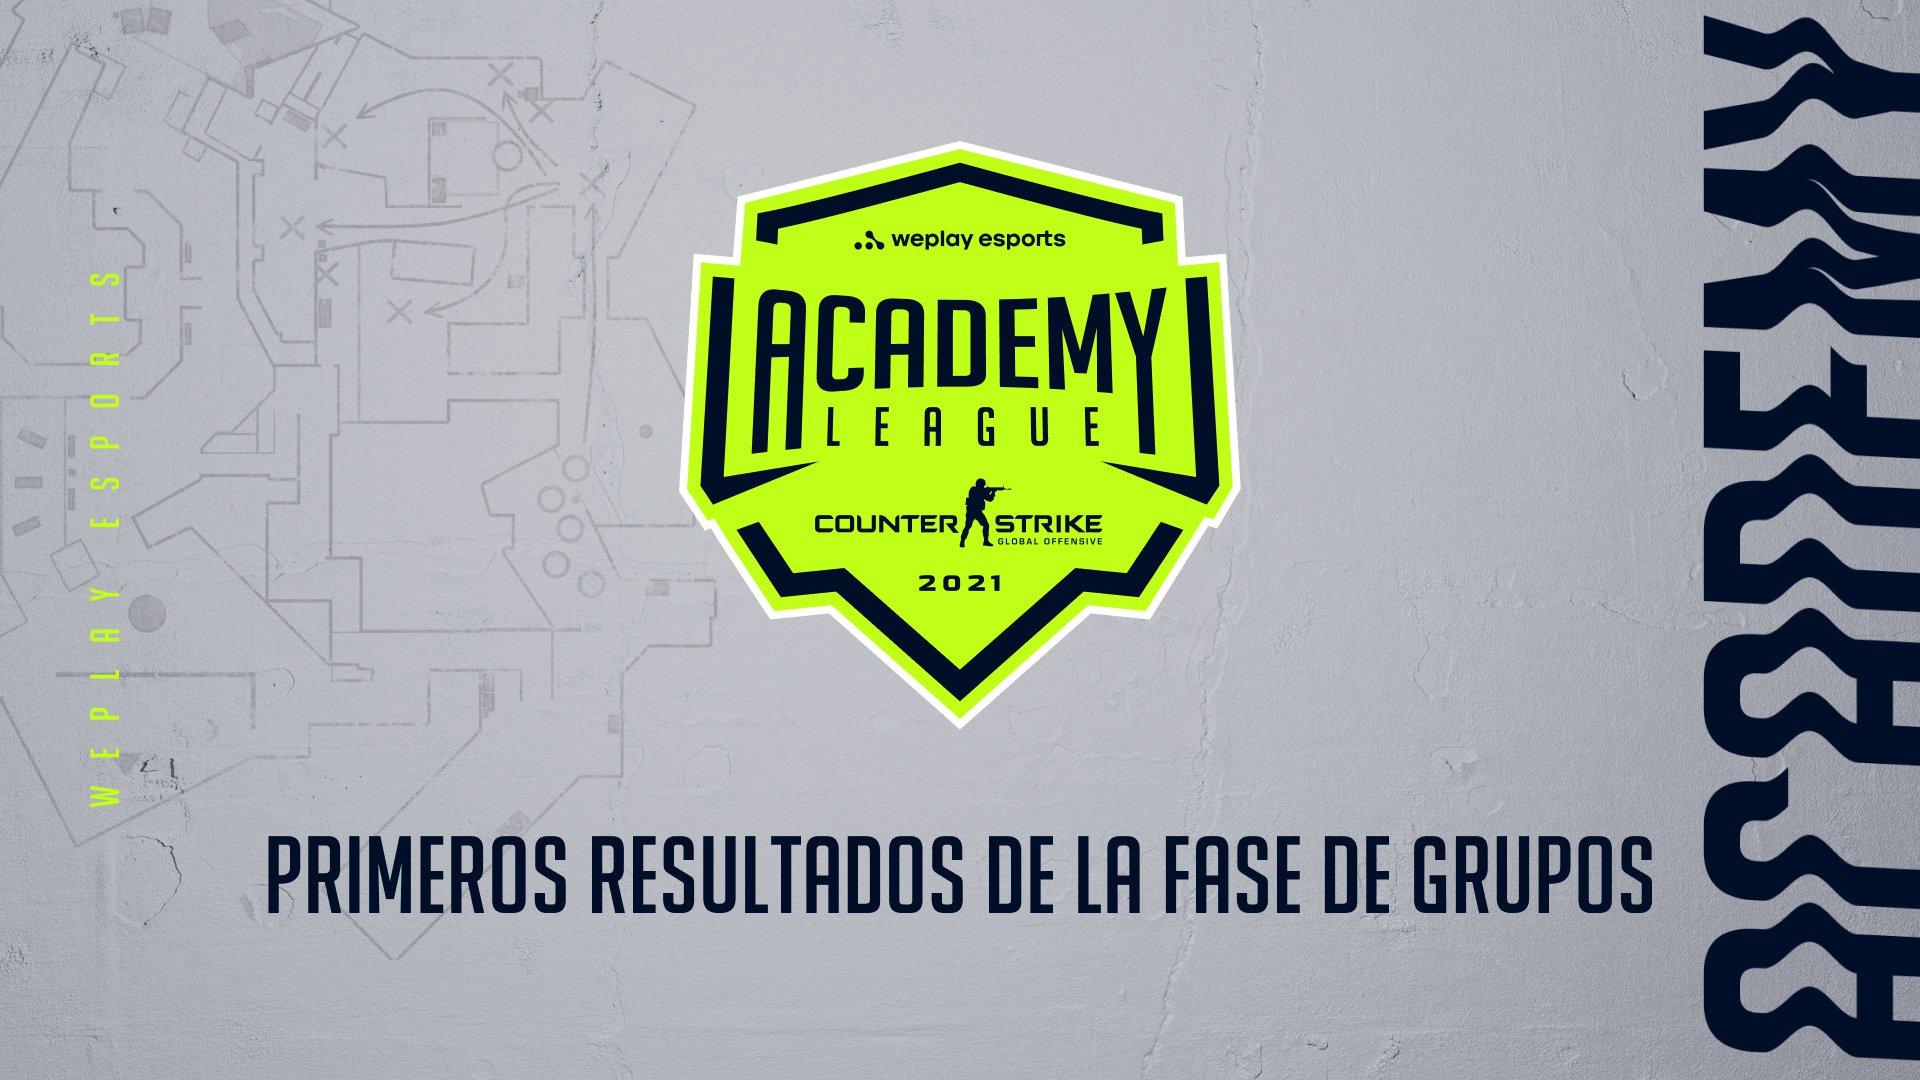 Primeros resultados de la Fase de grupos de la Temporada 2 de la liga WePlay Academy League. Imagen: WePlay Holding